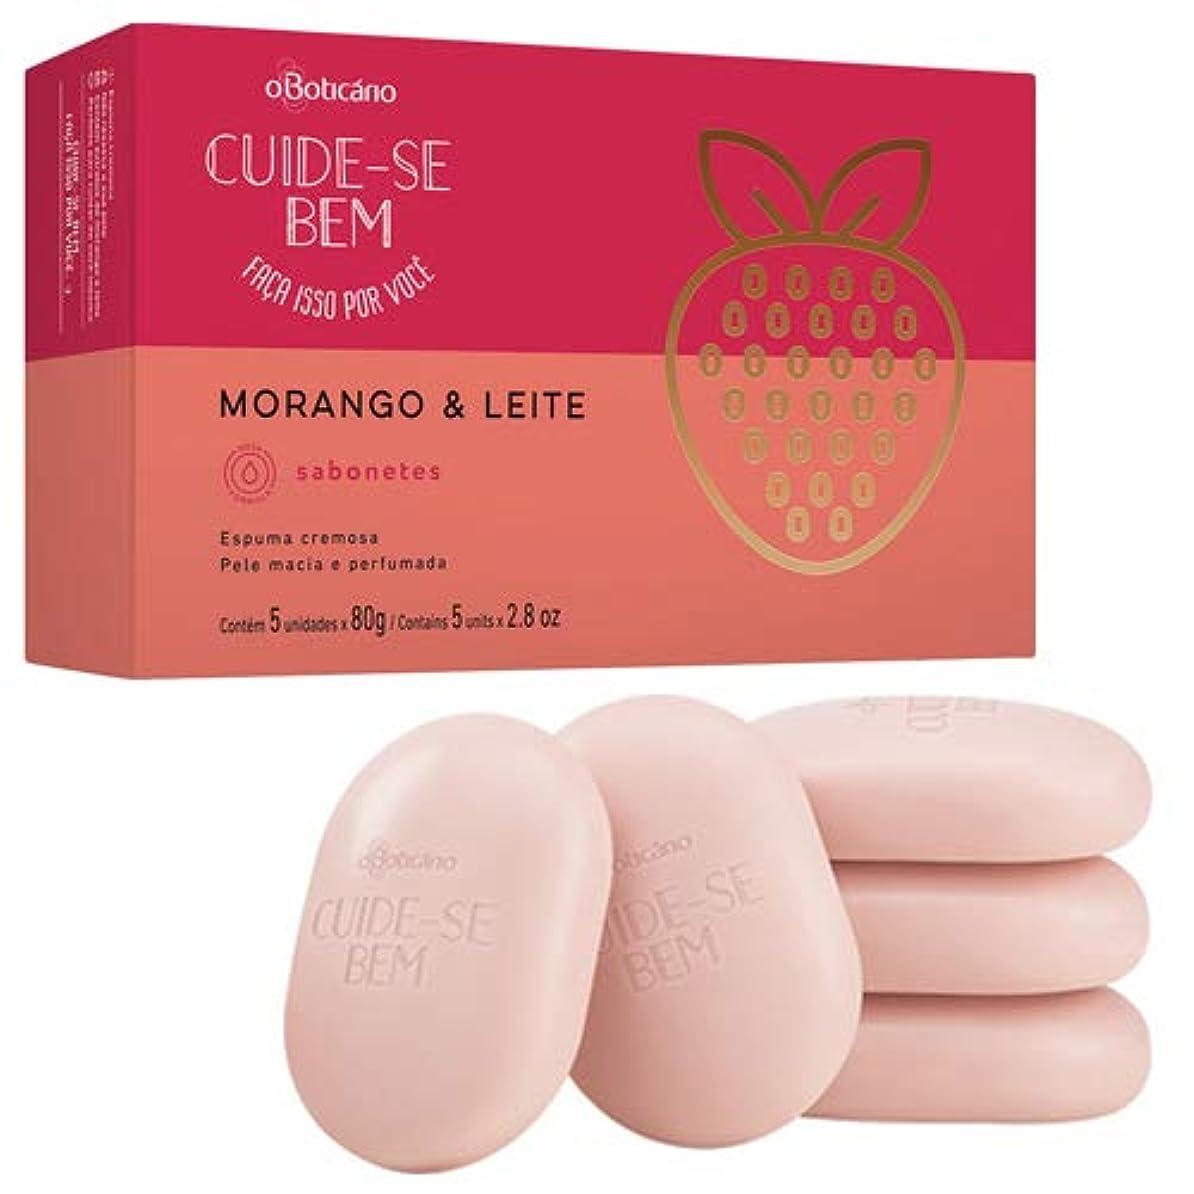 関連する溶融つなぐオ?ボチカリオ クイデセベン CUIDE-SE BEM ソープ ストロベリー&ミルク boticario SABONETE MORANGO E LEITE 5×80g